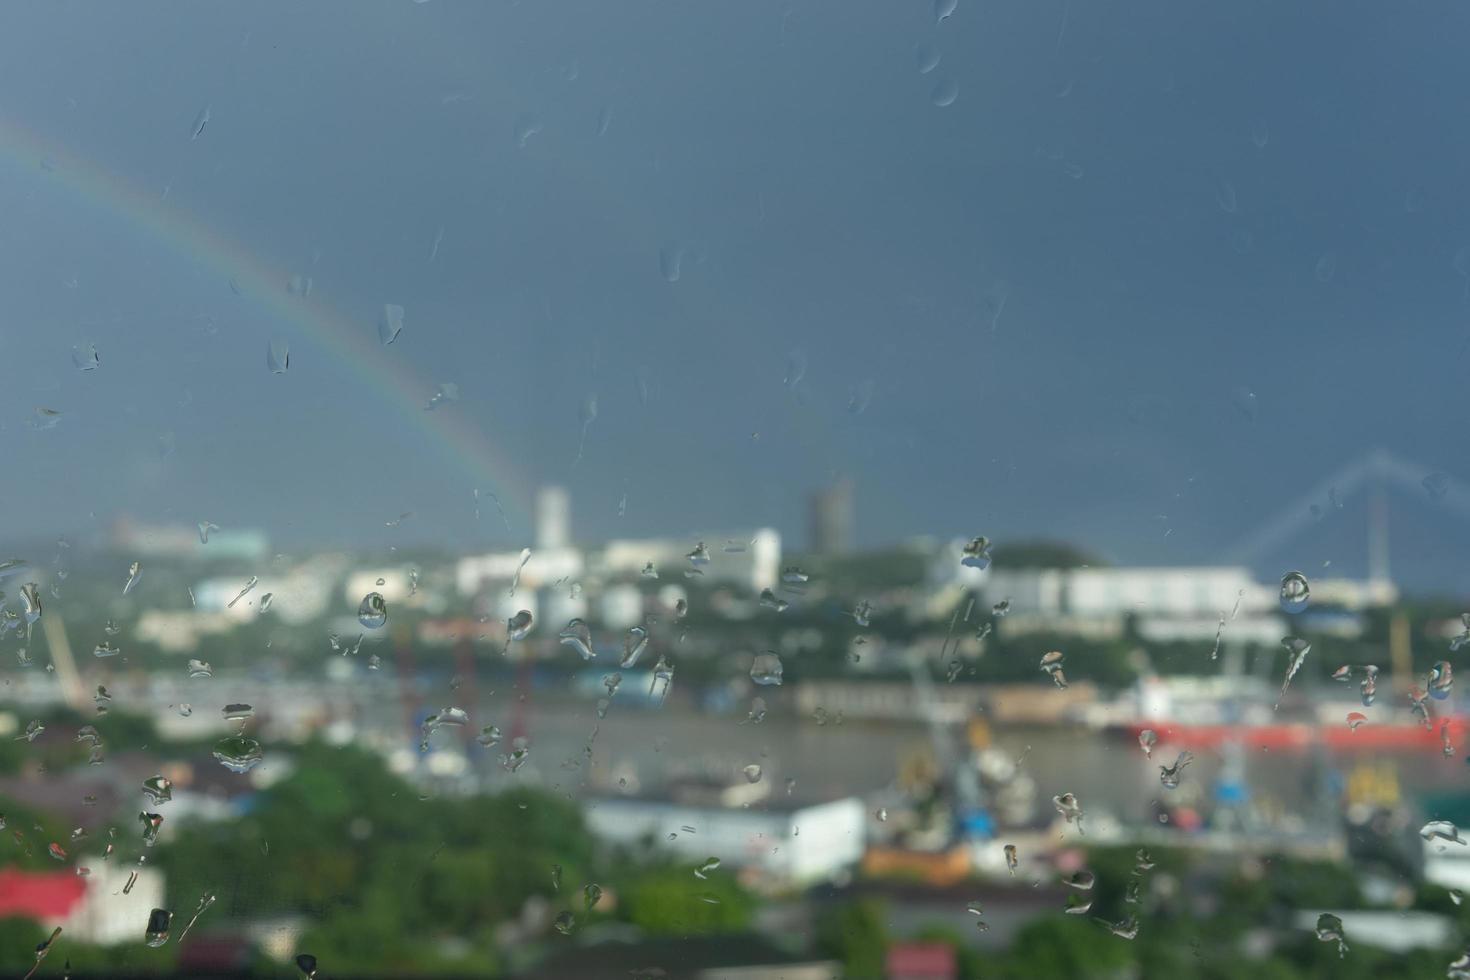 Fondo abstracto con paisaje urbano a través del cristal con gotas de lluvia foto